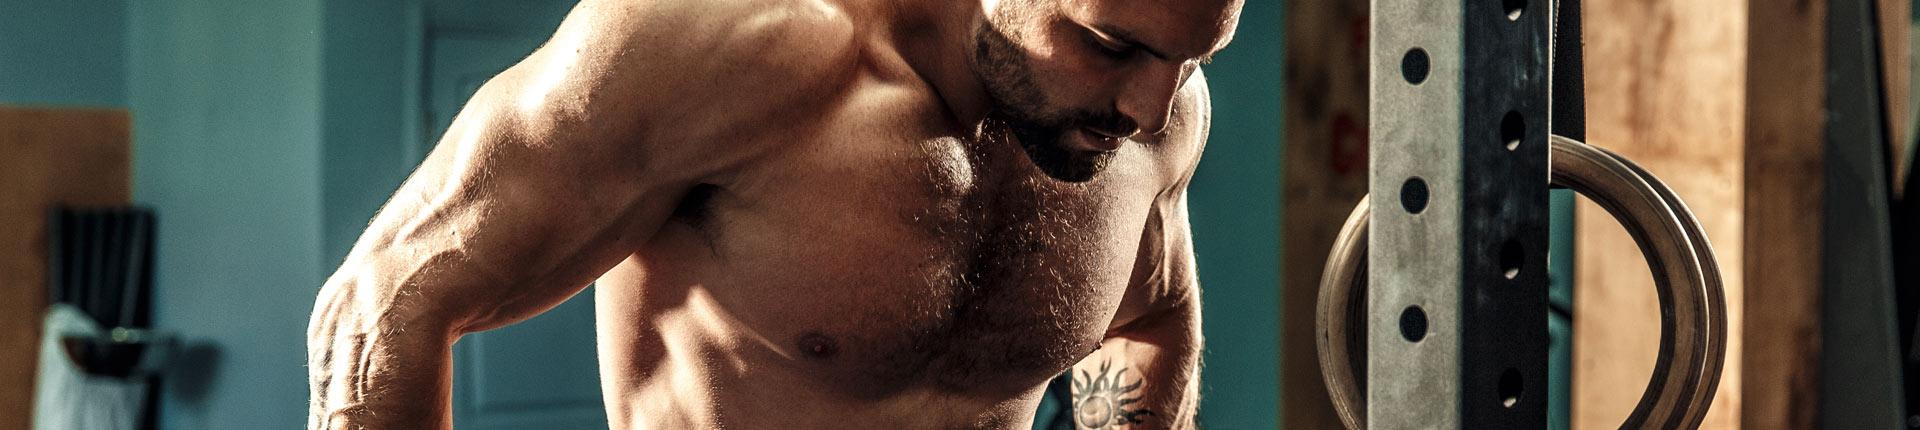 5 ćwiczeń na wielkie tricepsy - trening tricepsów